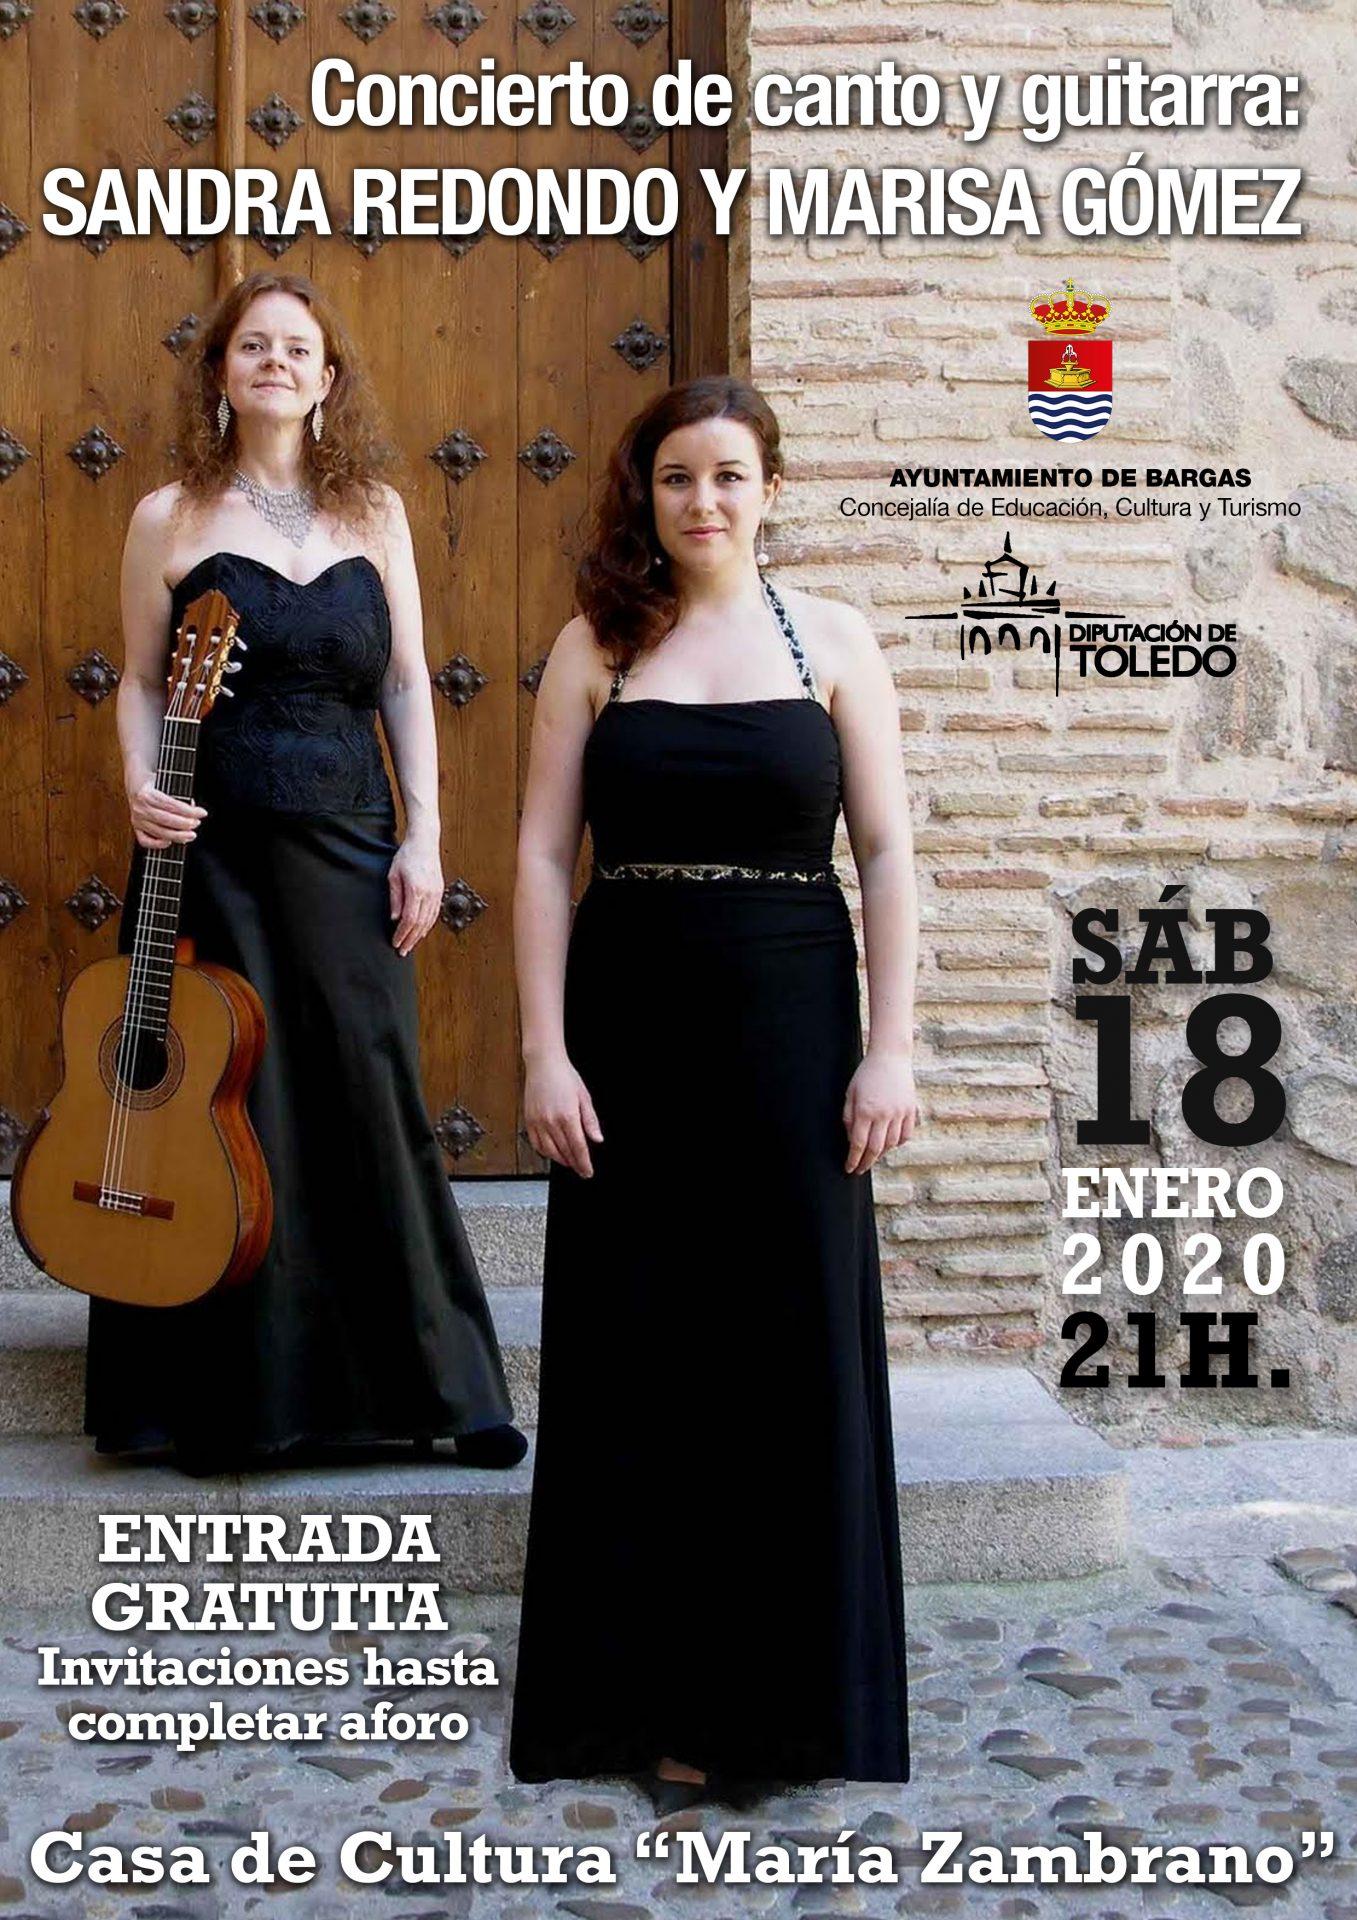 Concierto de canto y guitarra: Sandra Redondo y Marisa Gómez